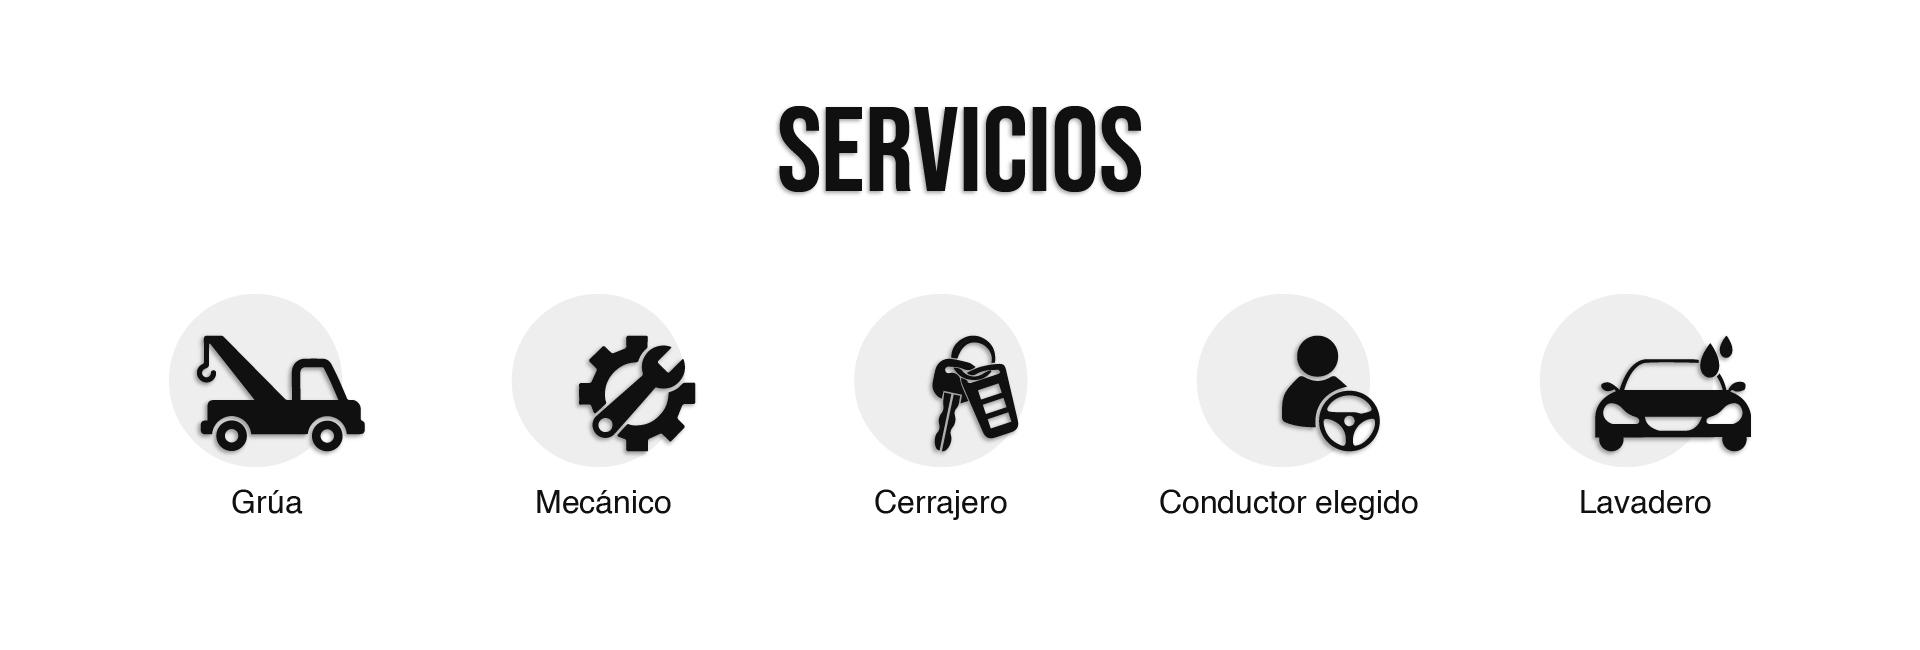 Seccion Servicios